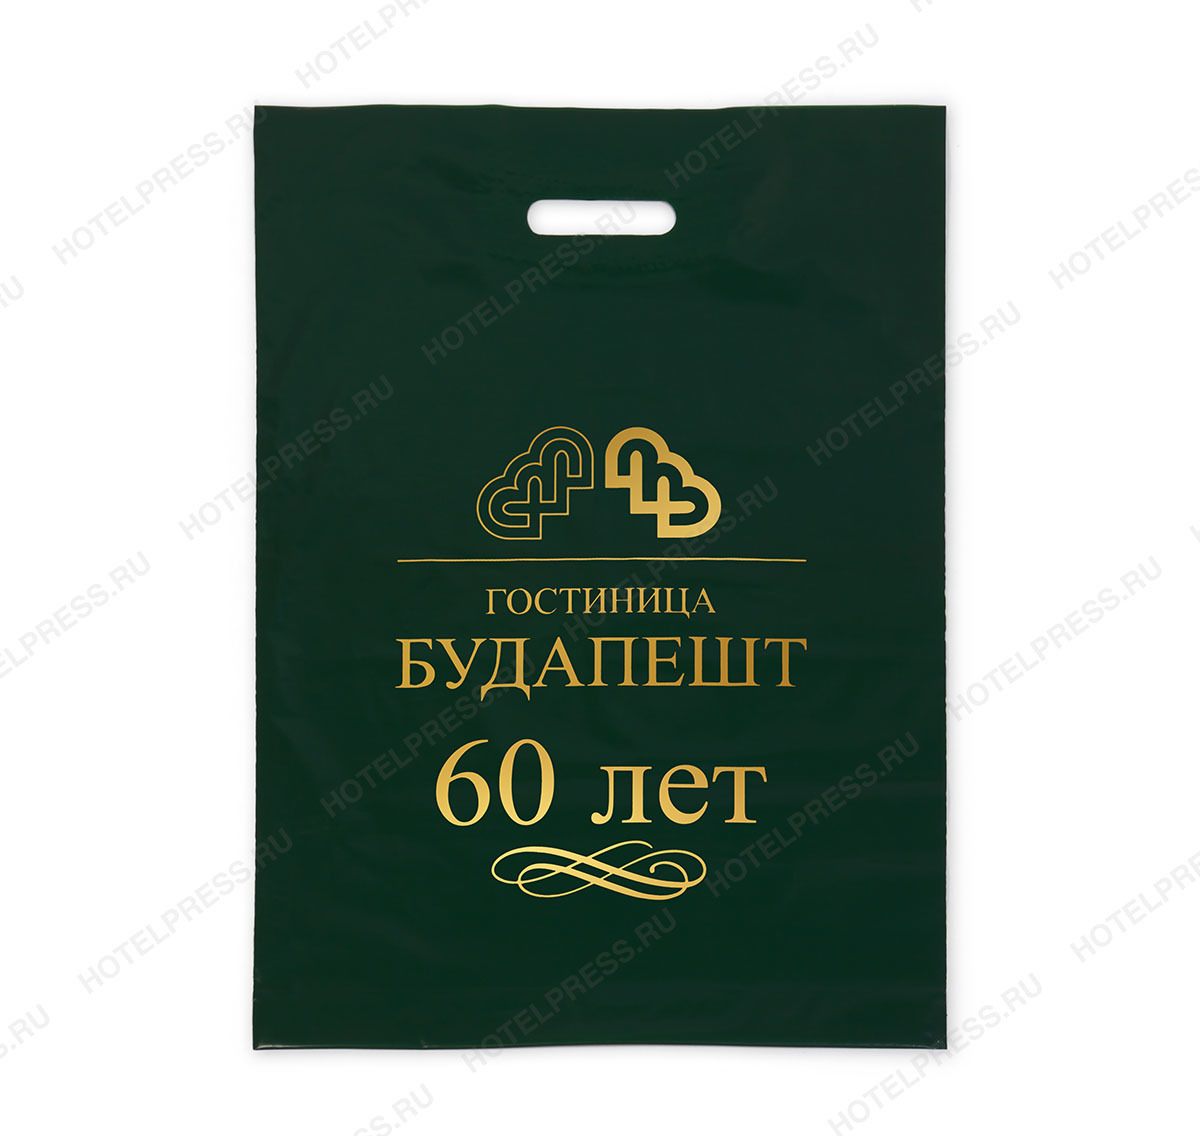 """Юбилейный пакет гостиницы """"Будапешт"""""""